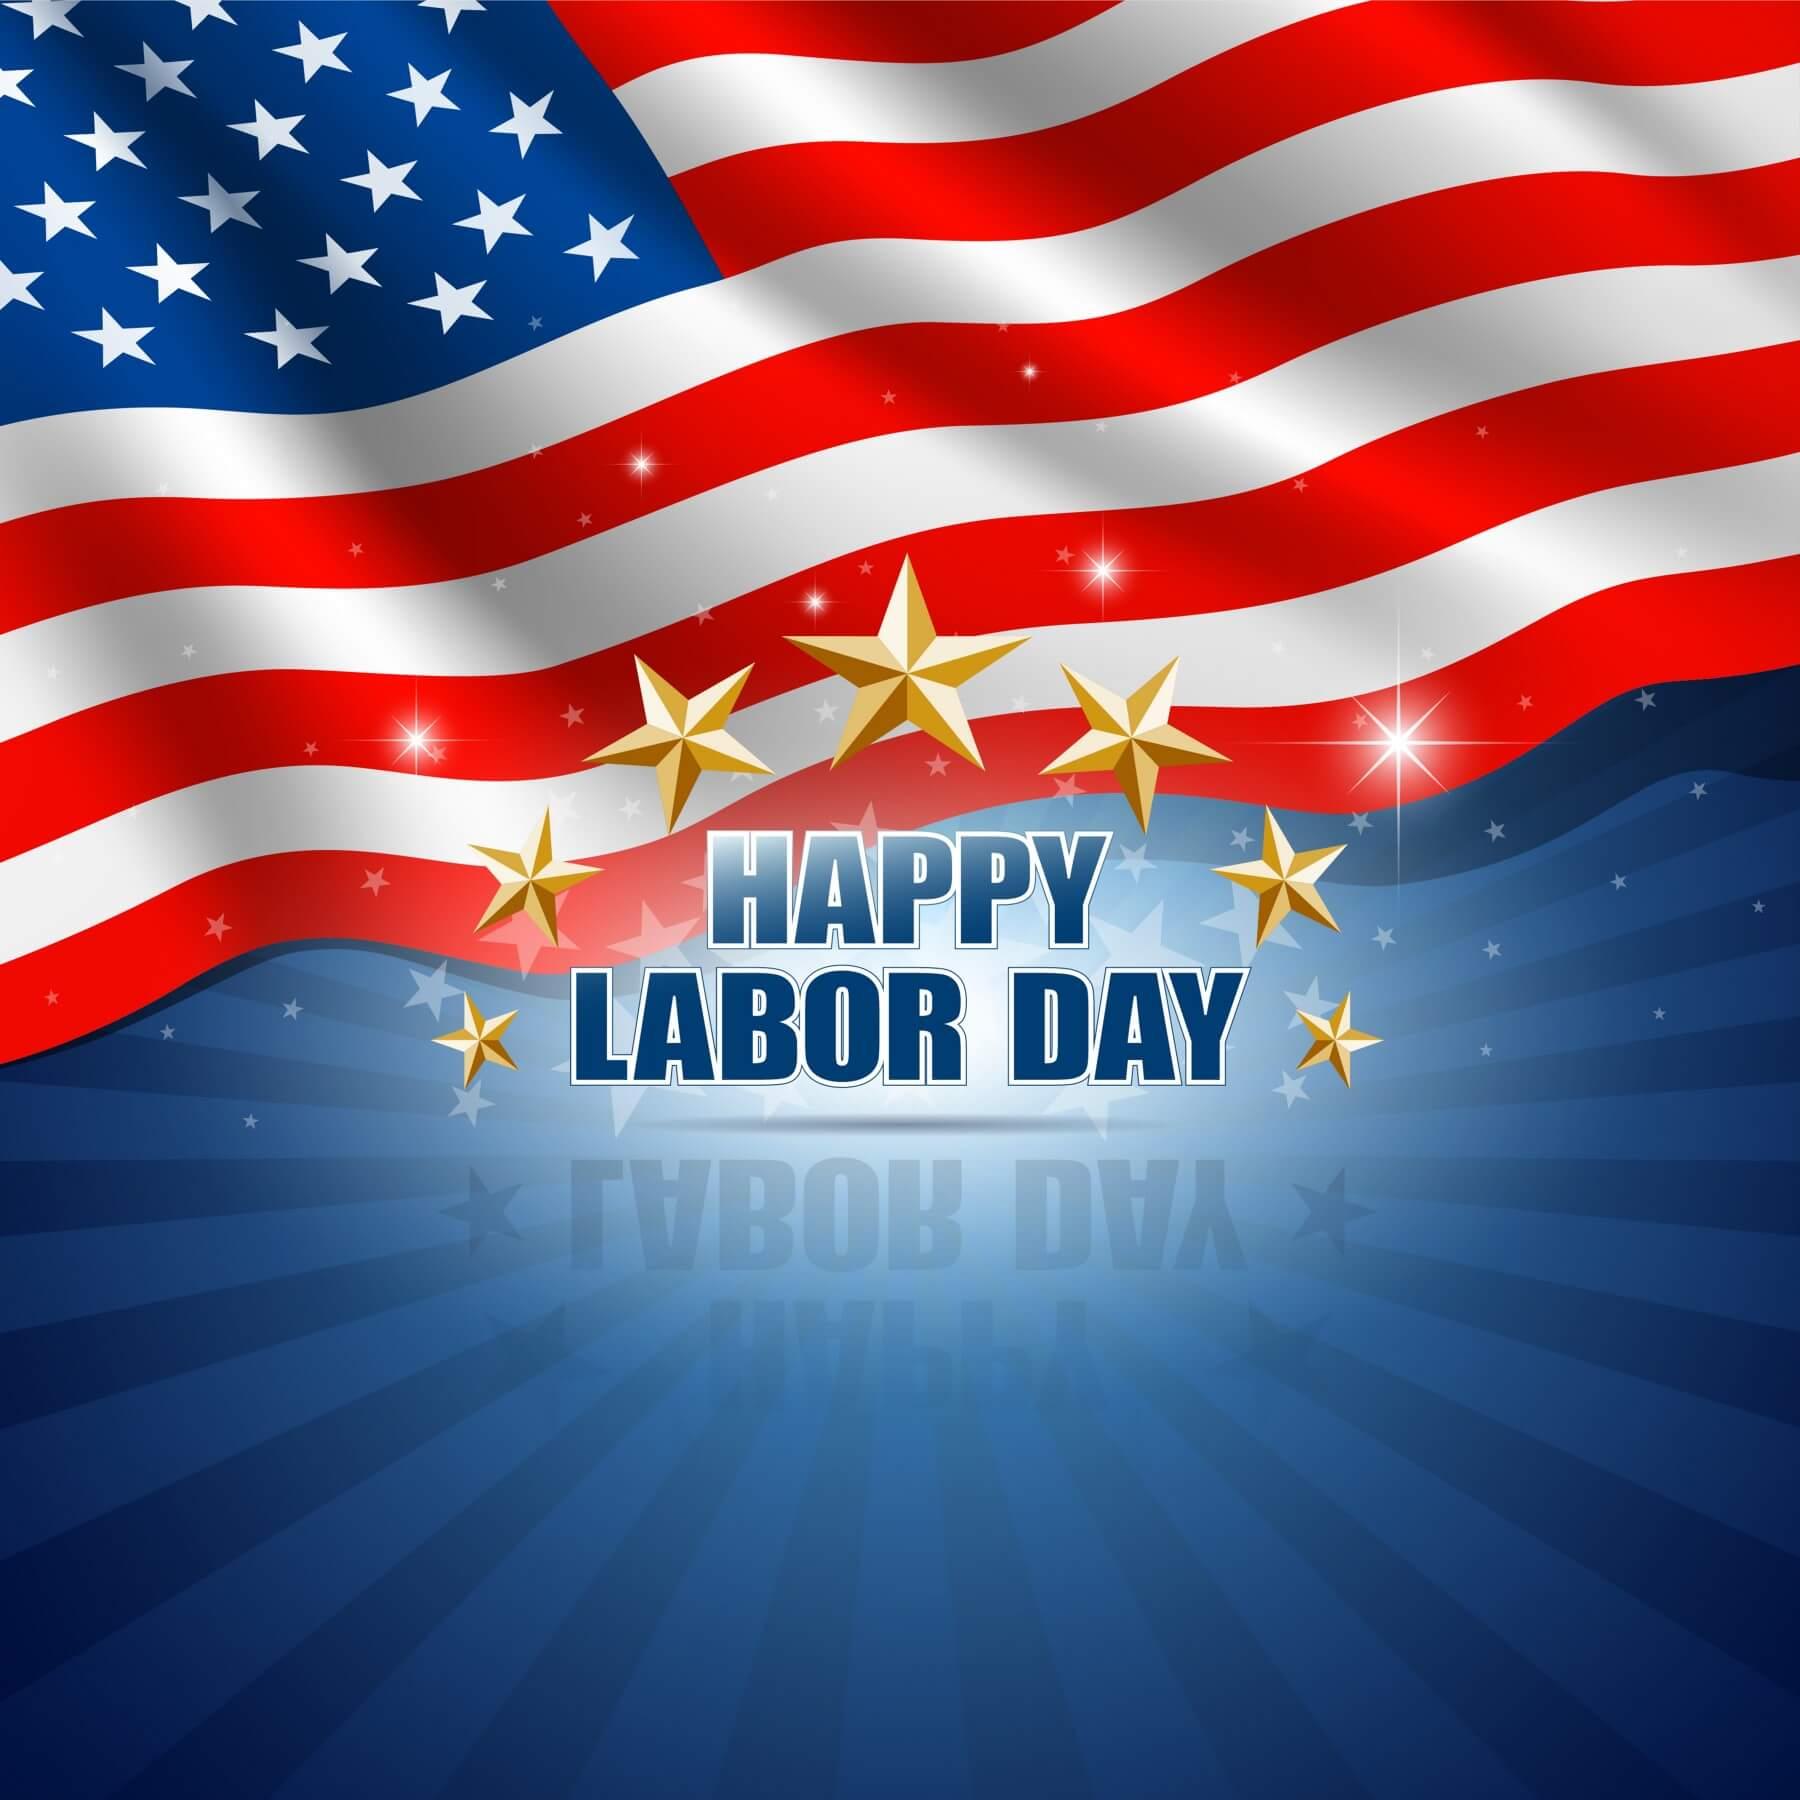 happy labor day usa america flag hd 3d wallpaper